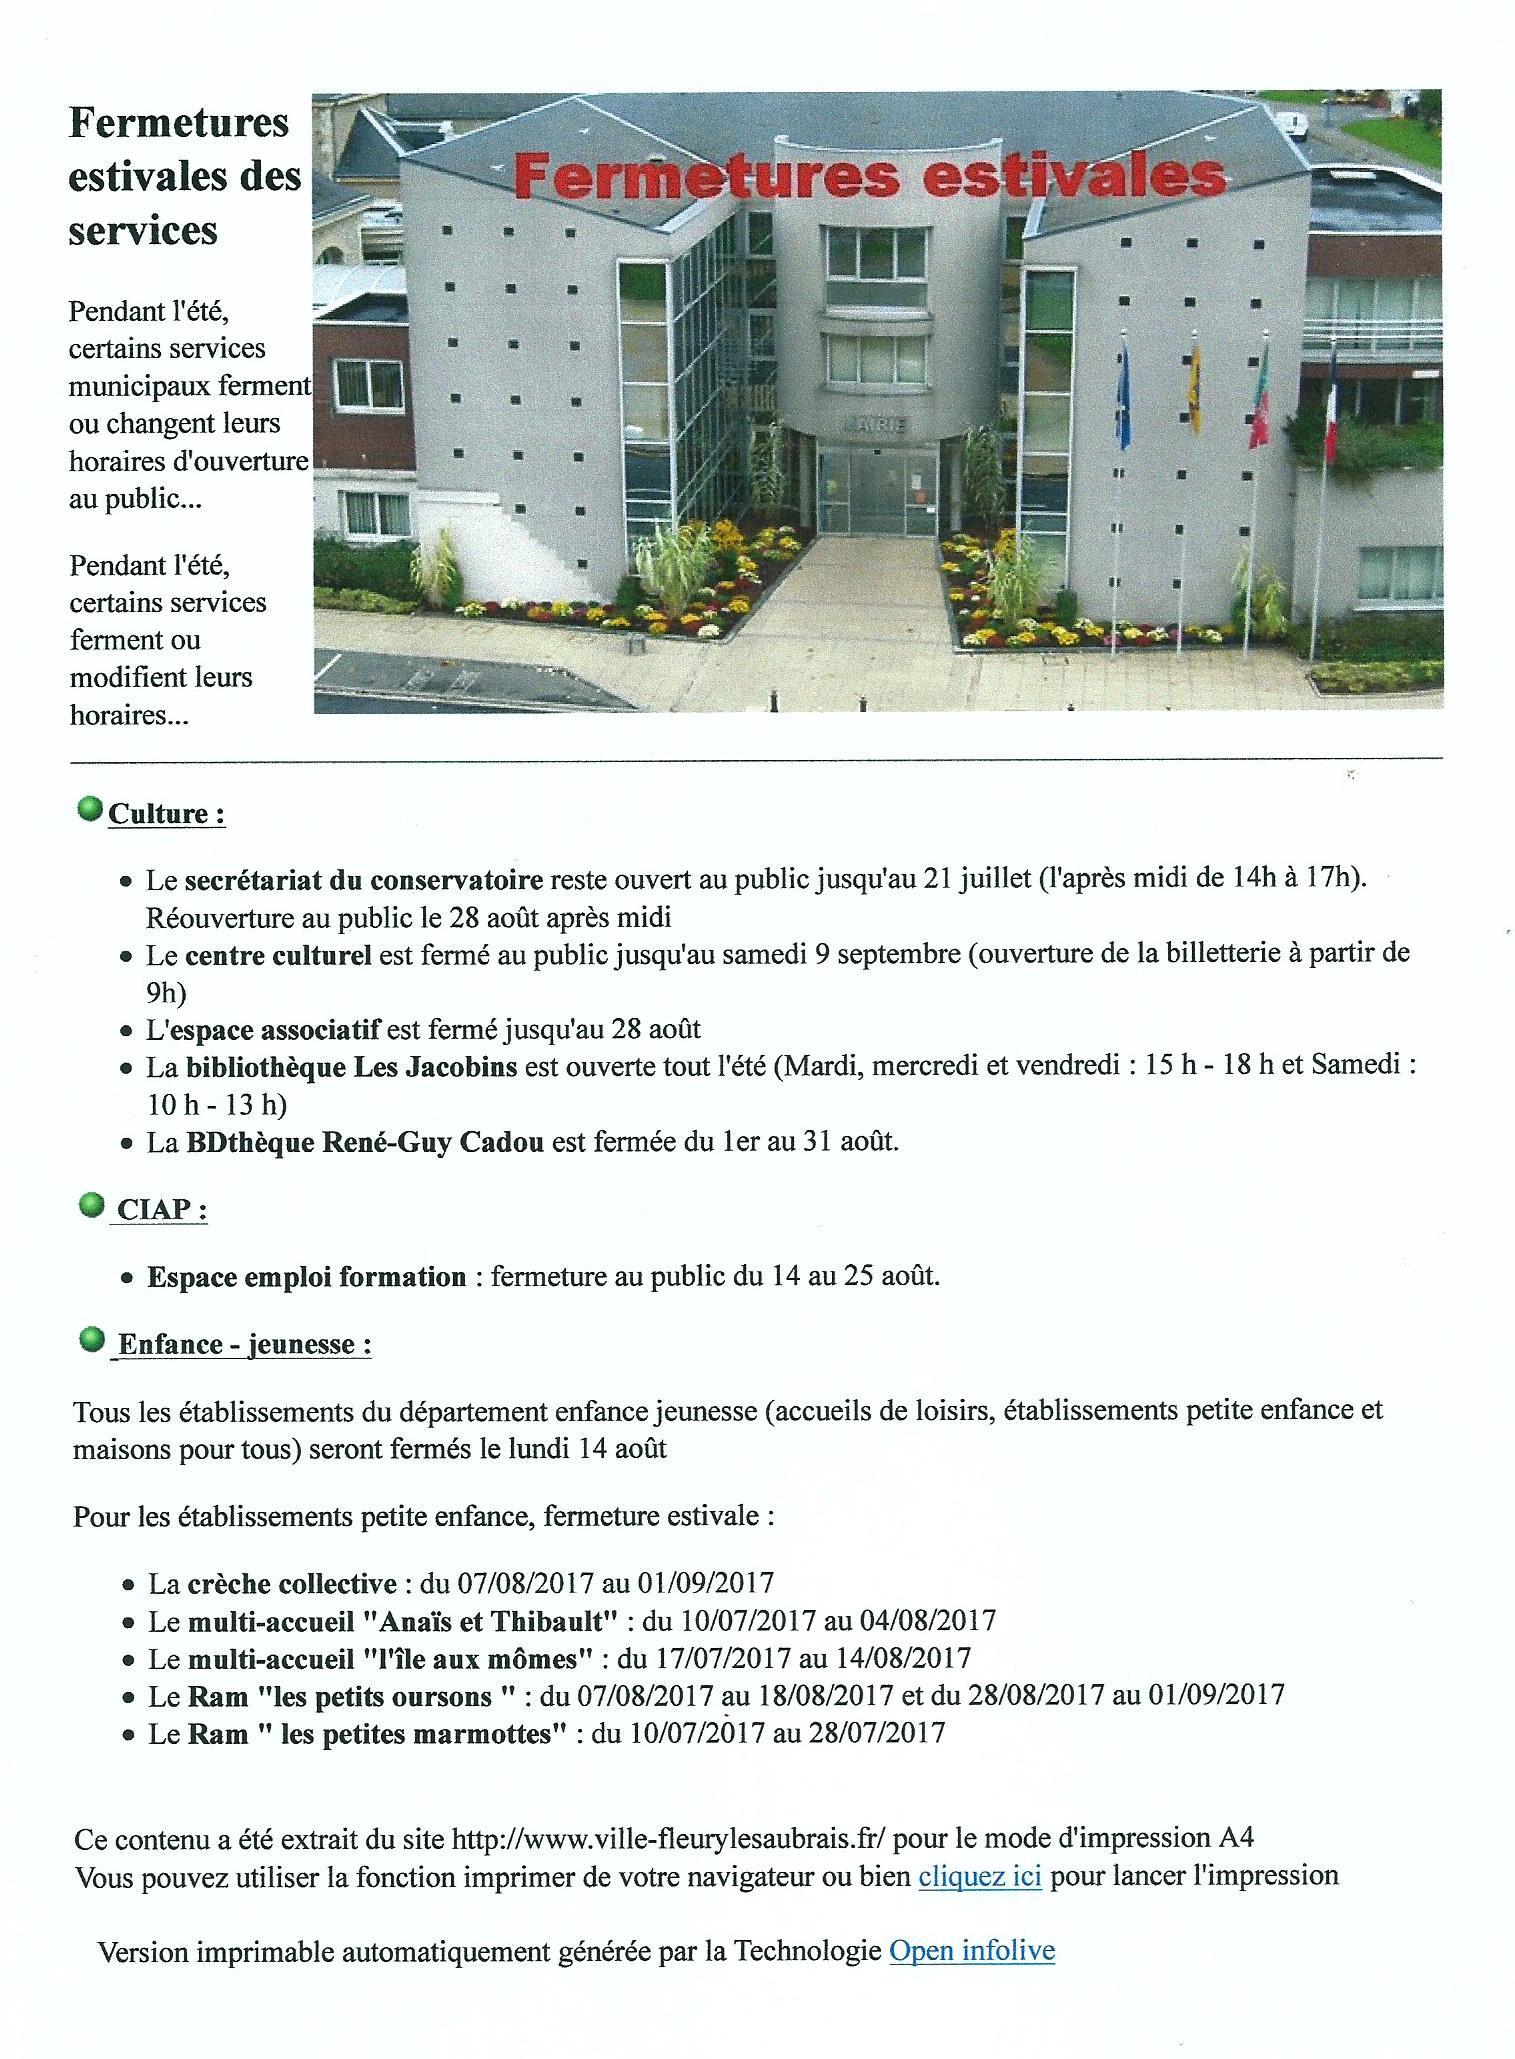 Scan Fermetures estivales 2017 Mairie de Fleury les aubrais.jpg